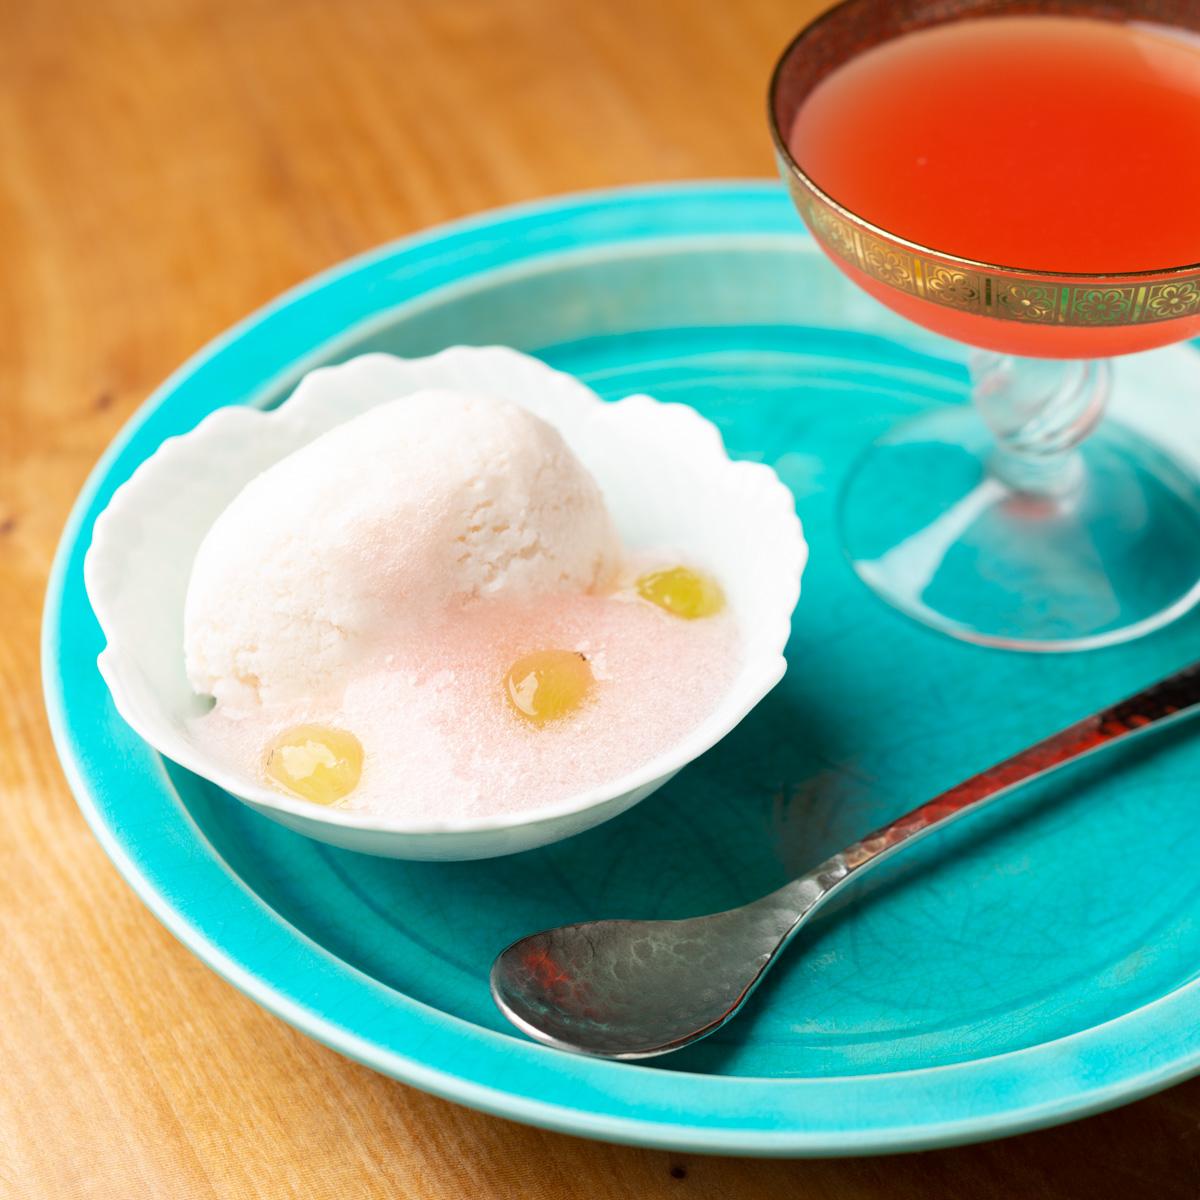 甘味|桃のアイスクリームとすいかのジュース